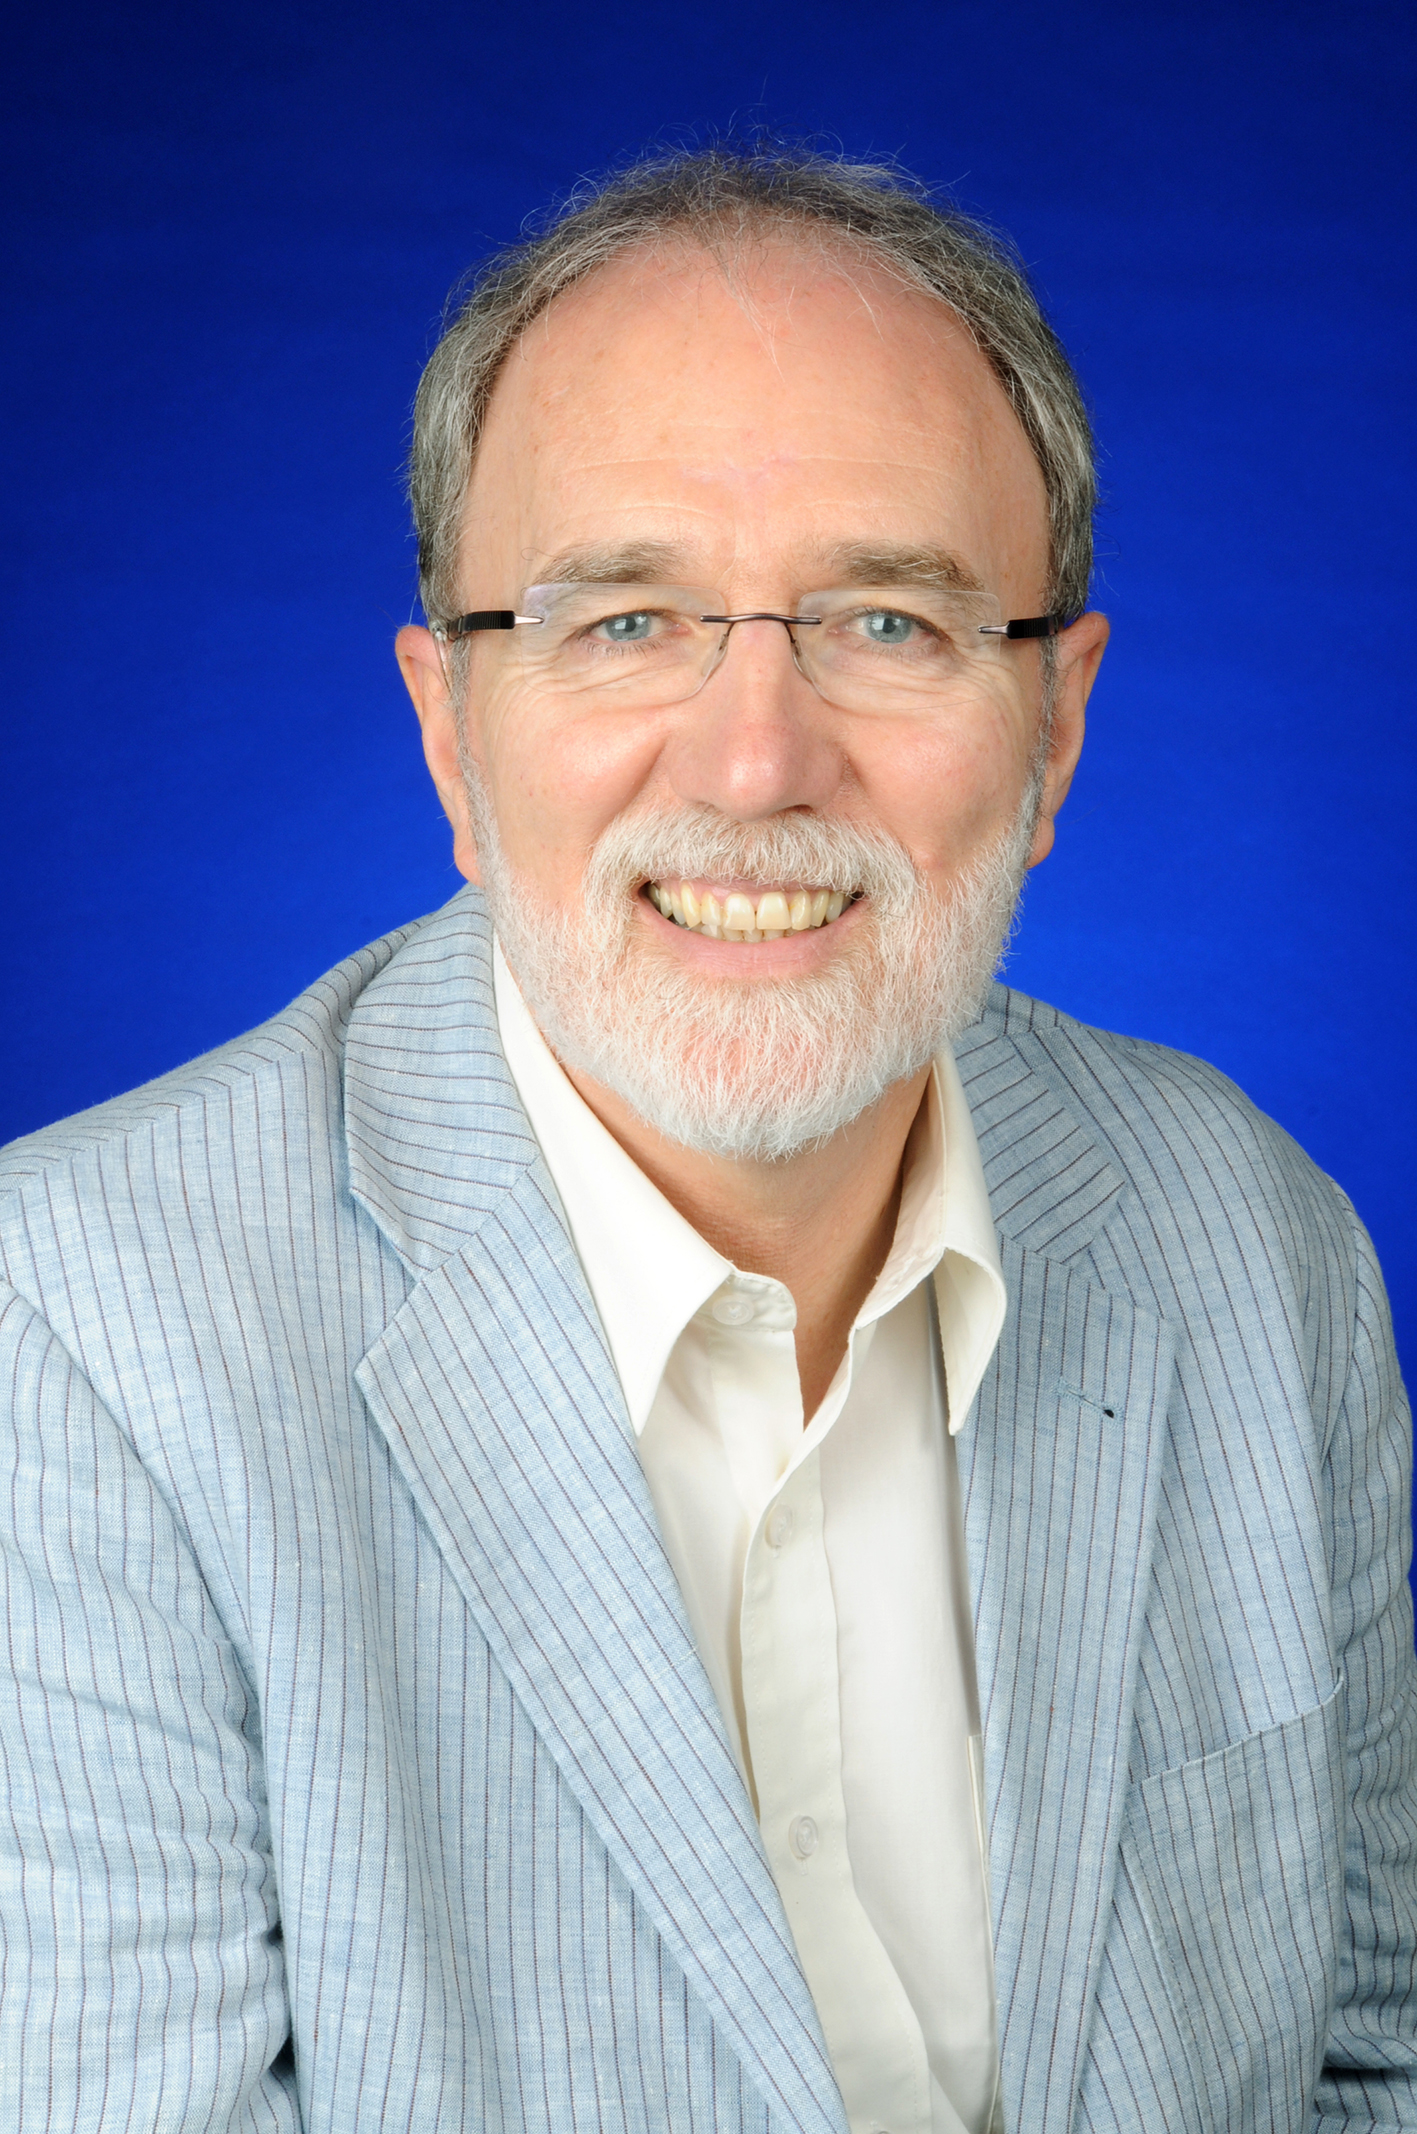 David McKie